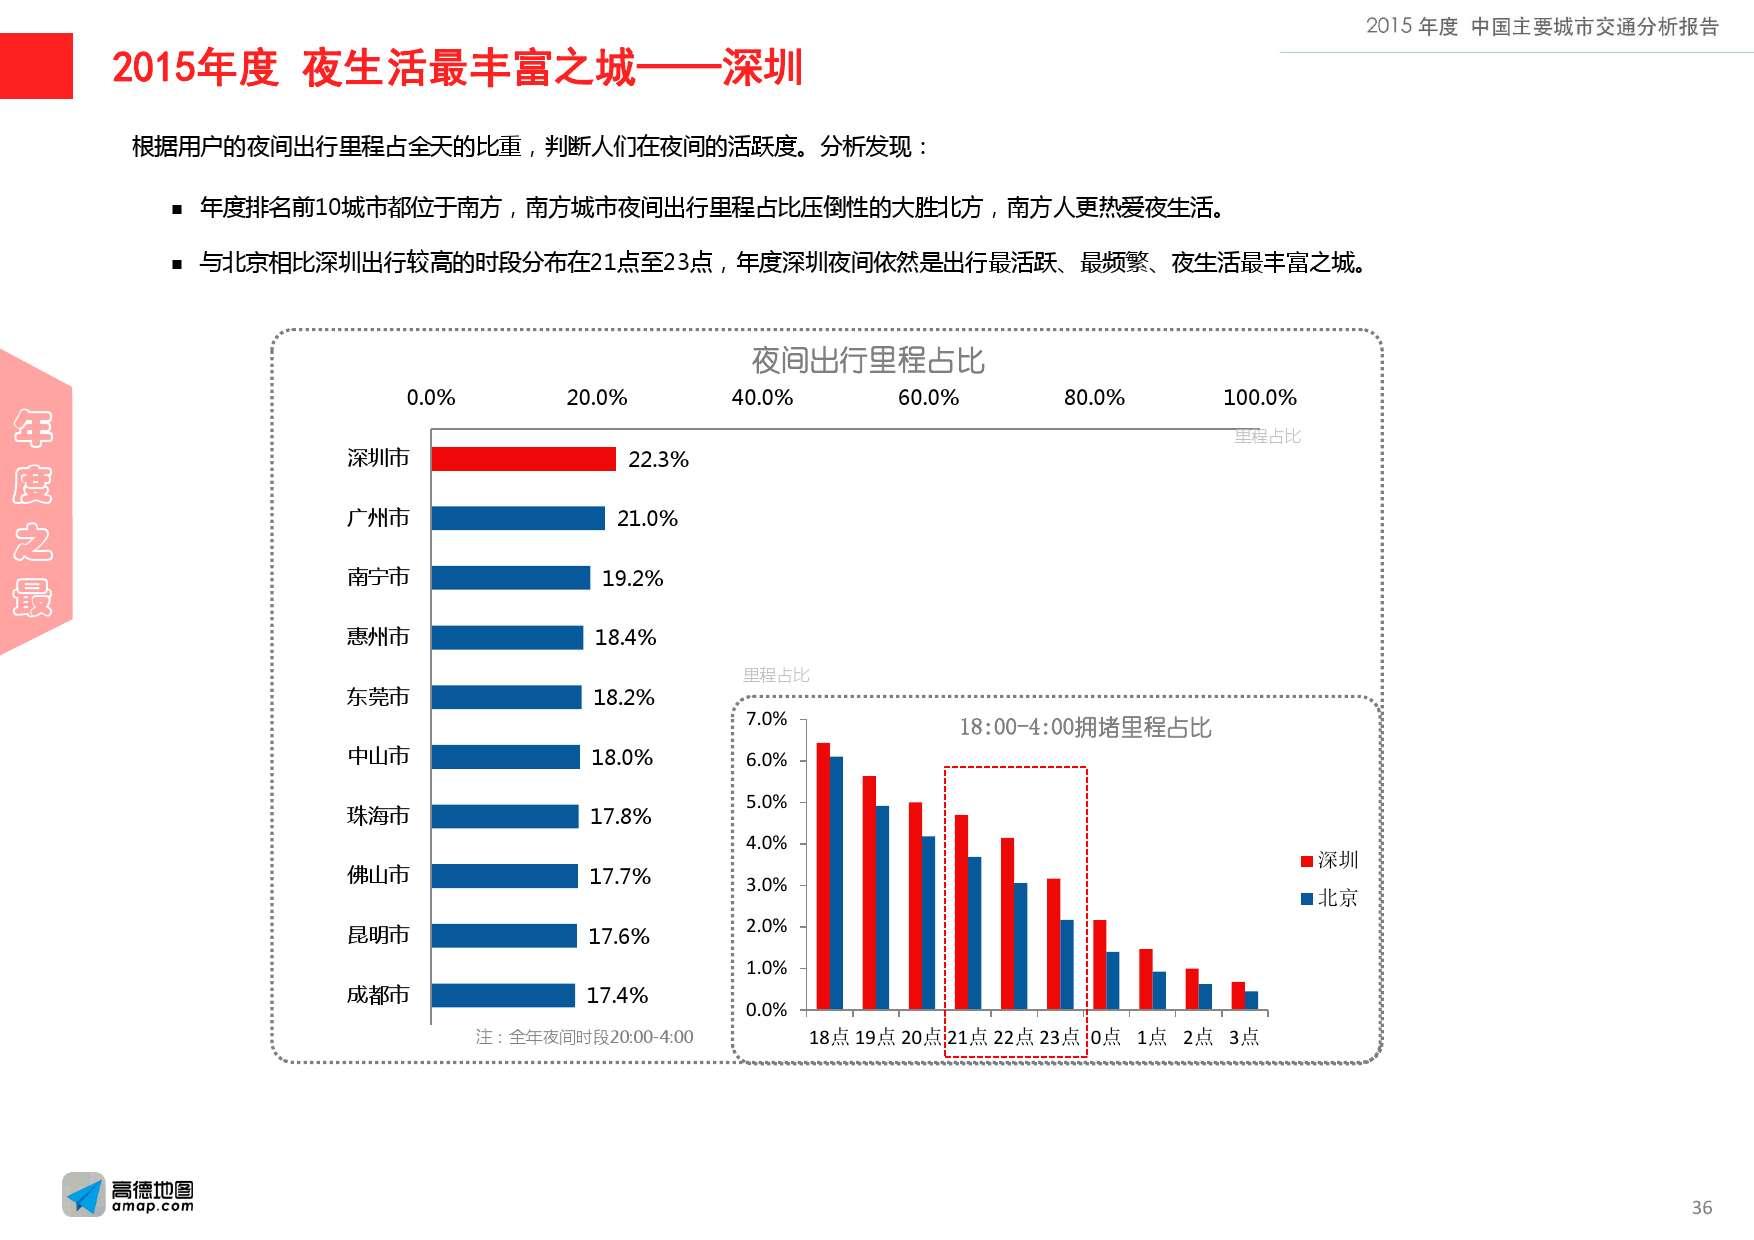 2015年度中国主要城市交通分析报告-final_000036